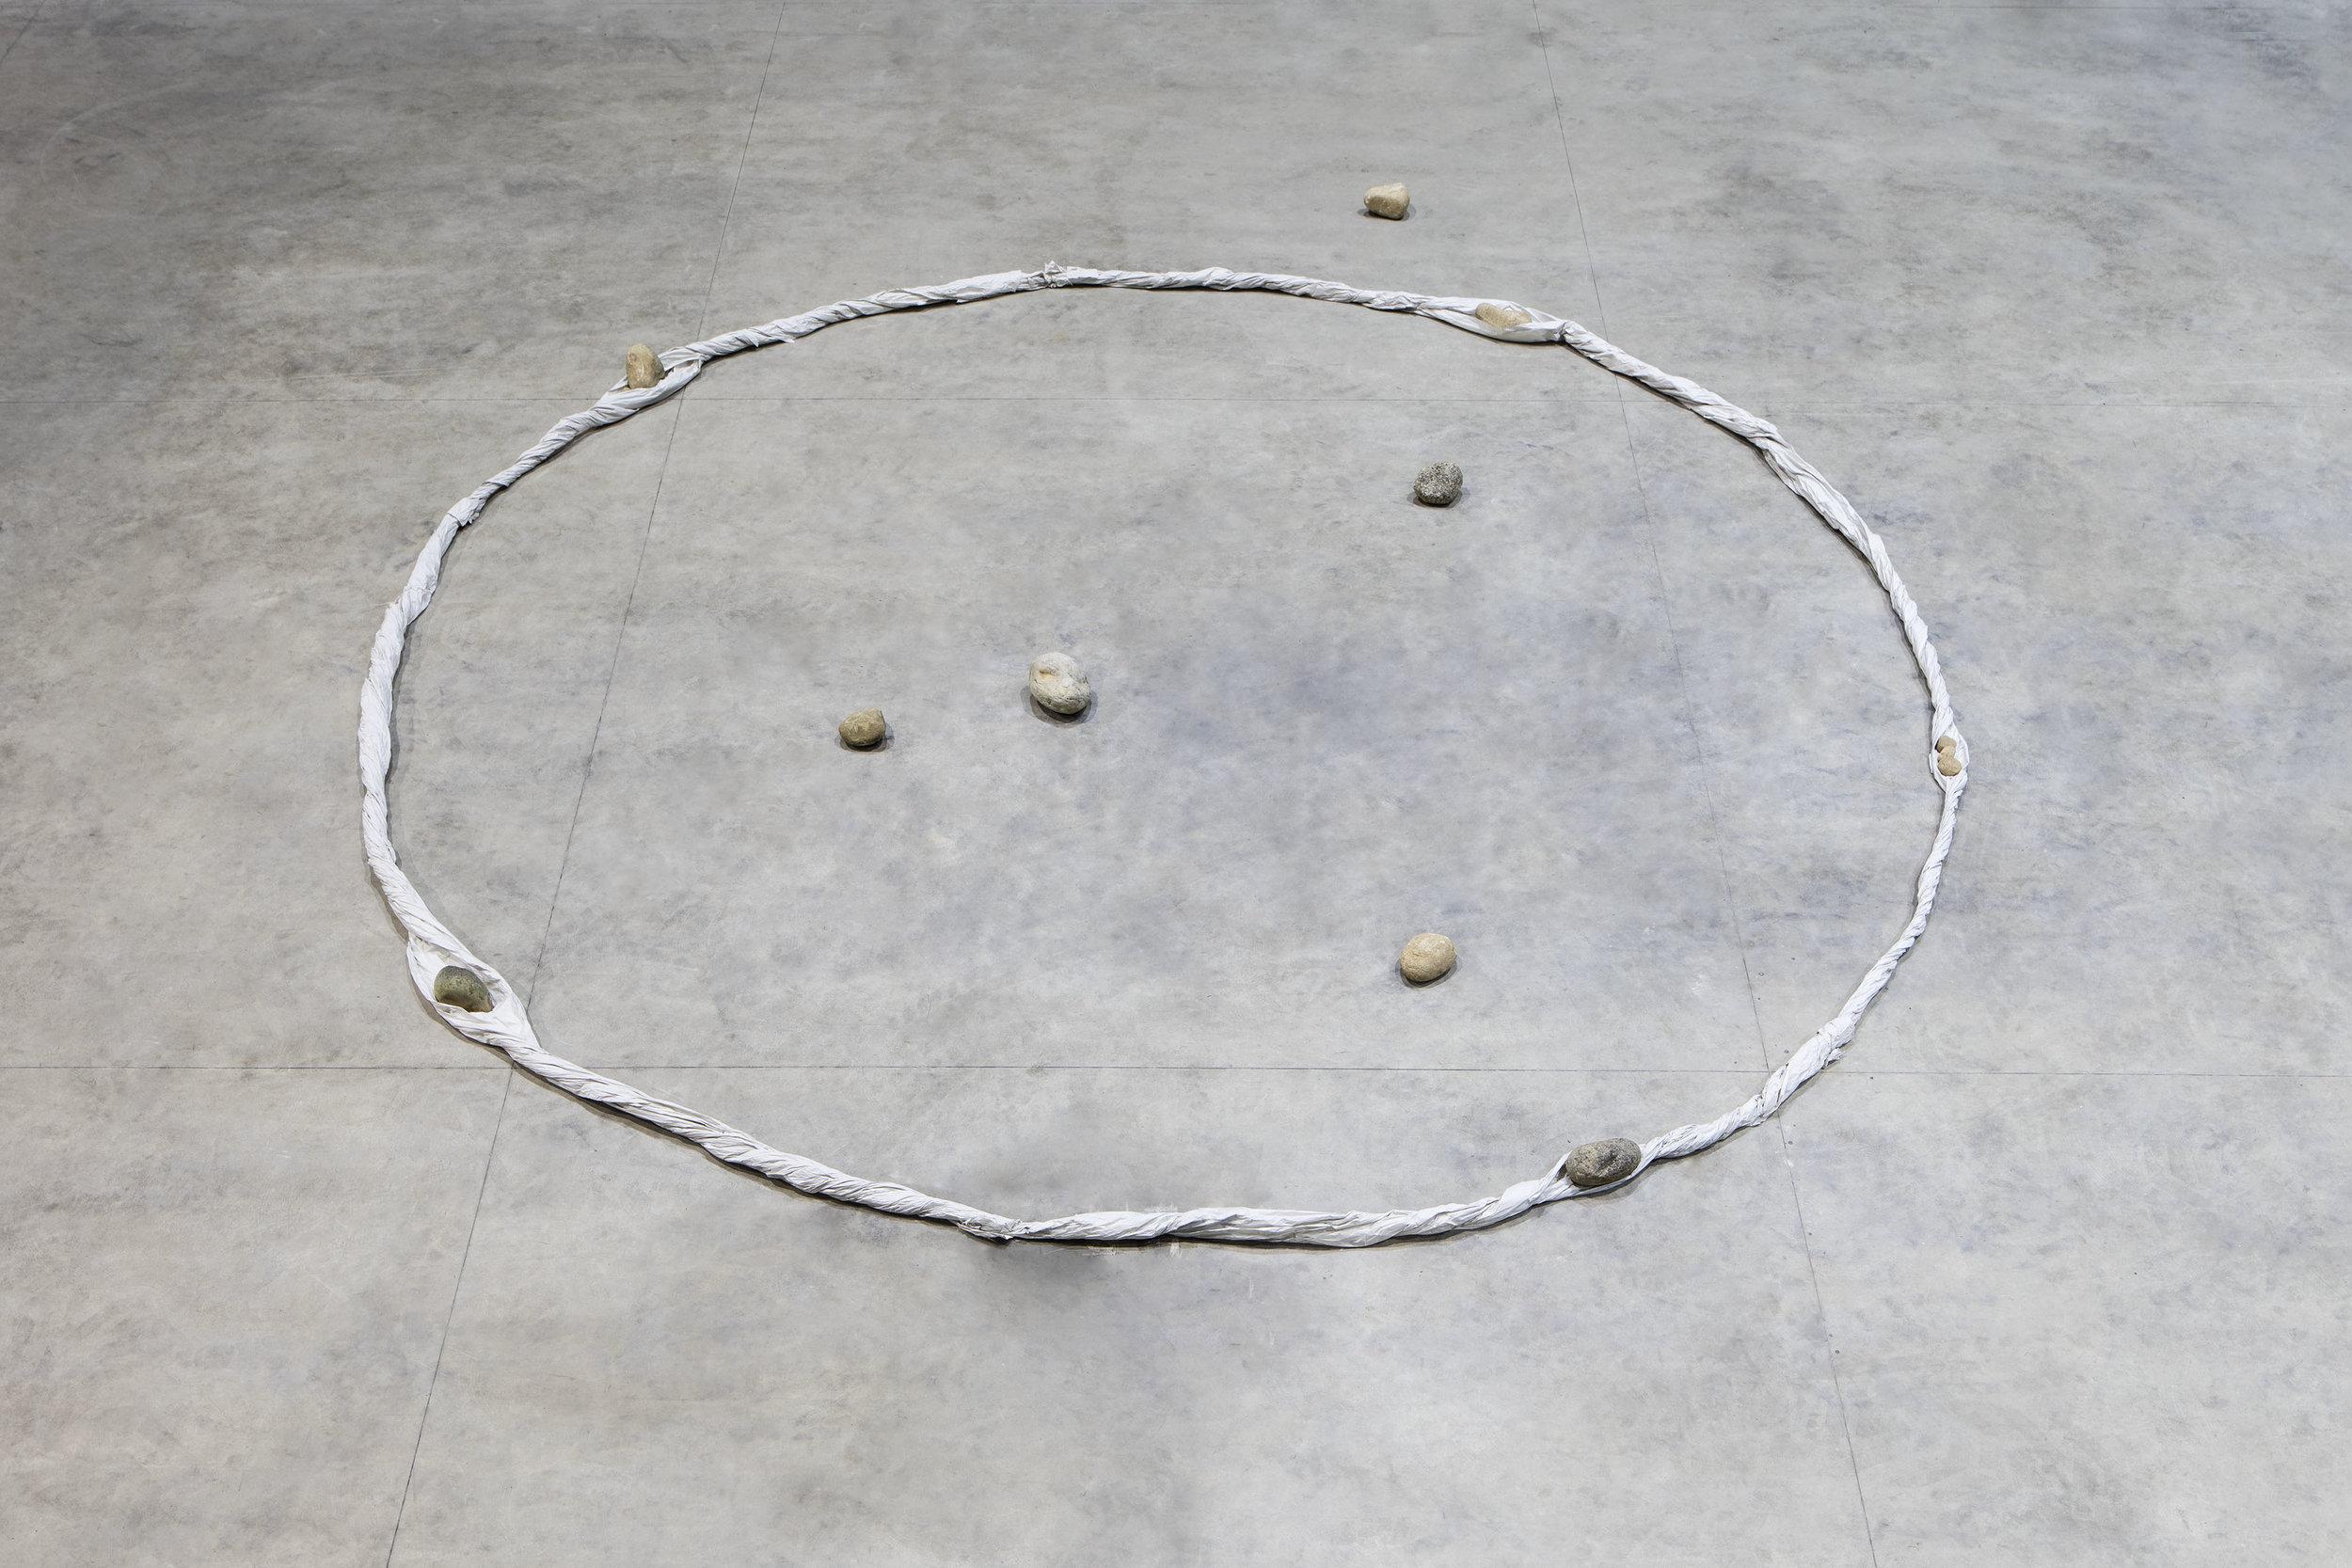 Periphery of Space , 1980/2016 界の側縁 ( Kai no Sokuen ) Dimensions variable Installation view, Kishio Suga: Situations , Pirelli HangarBicocca, Milan, 2016 Photo: Agostino Osio; Courtesy Pirelli HangarBicocca, Milan